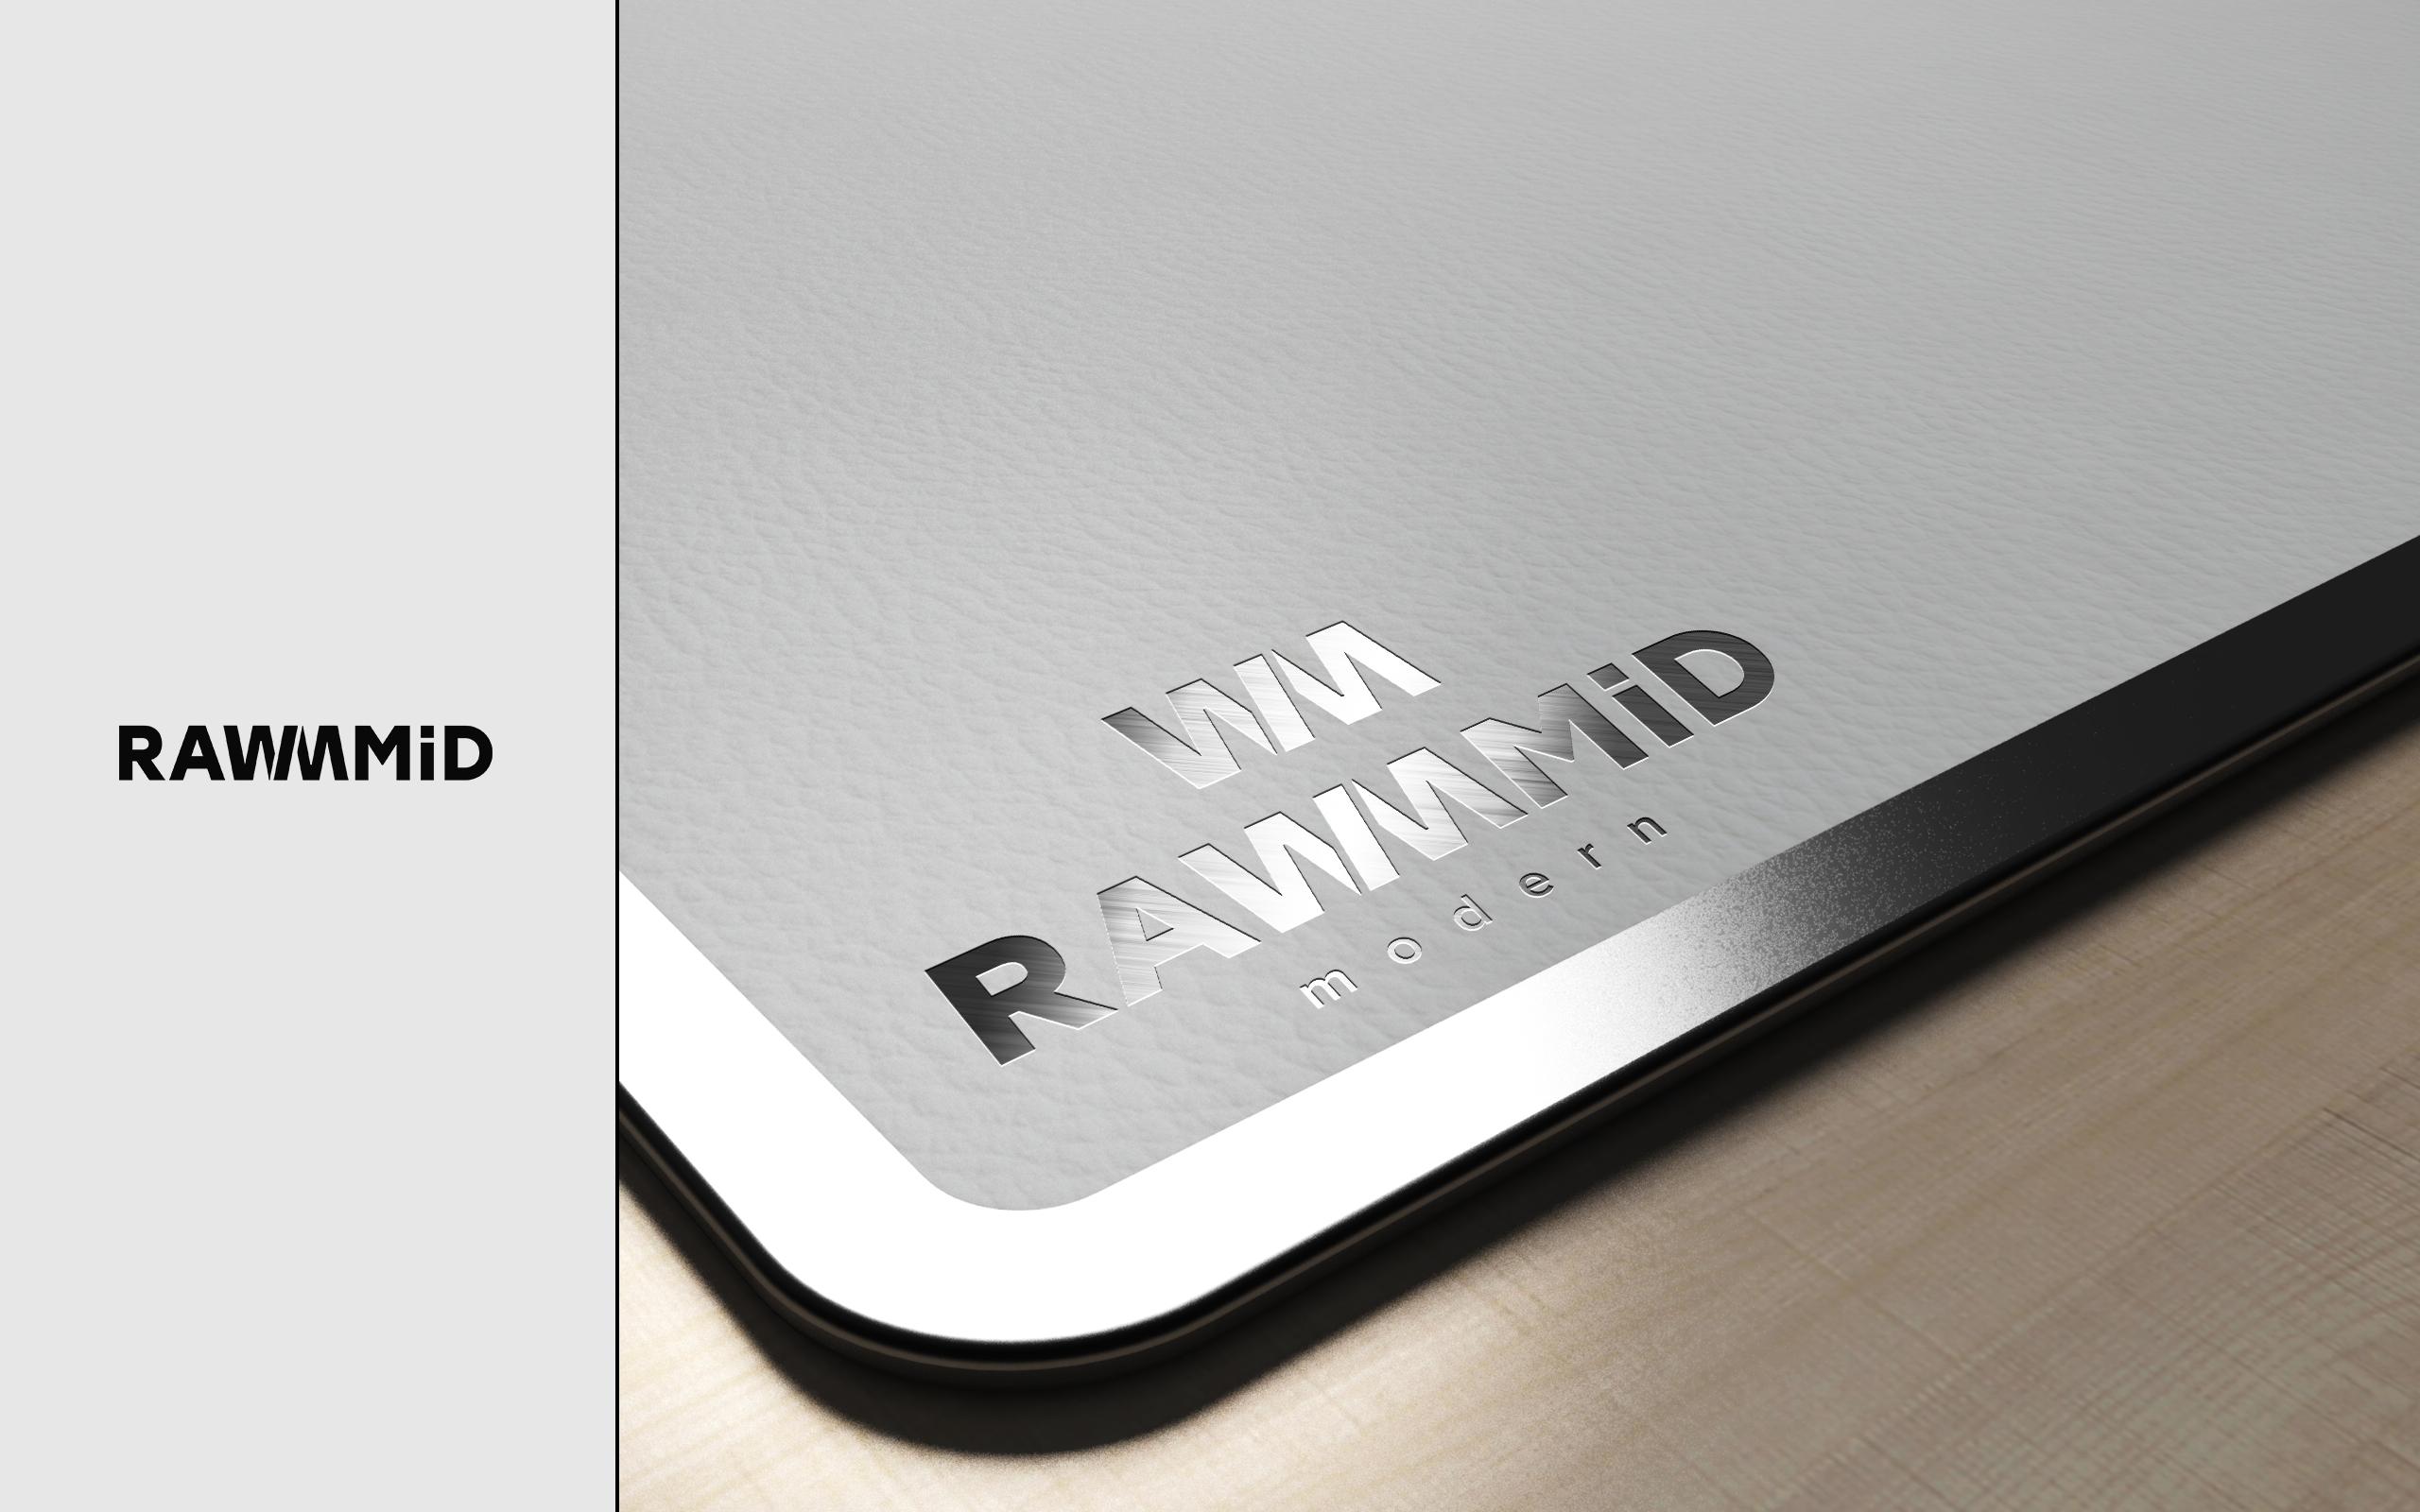 Создать логотип (буквенная часть) для бренда бытовой техники фото f_4315b34a595648e0.jpg